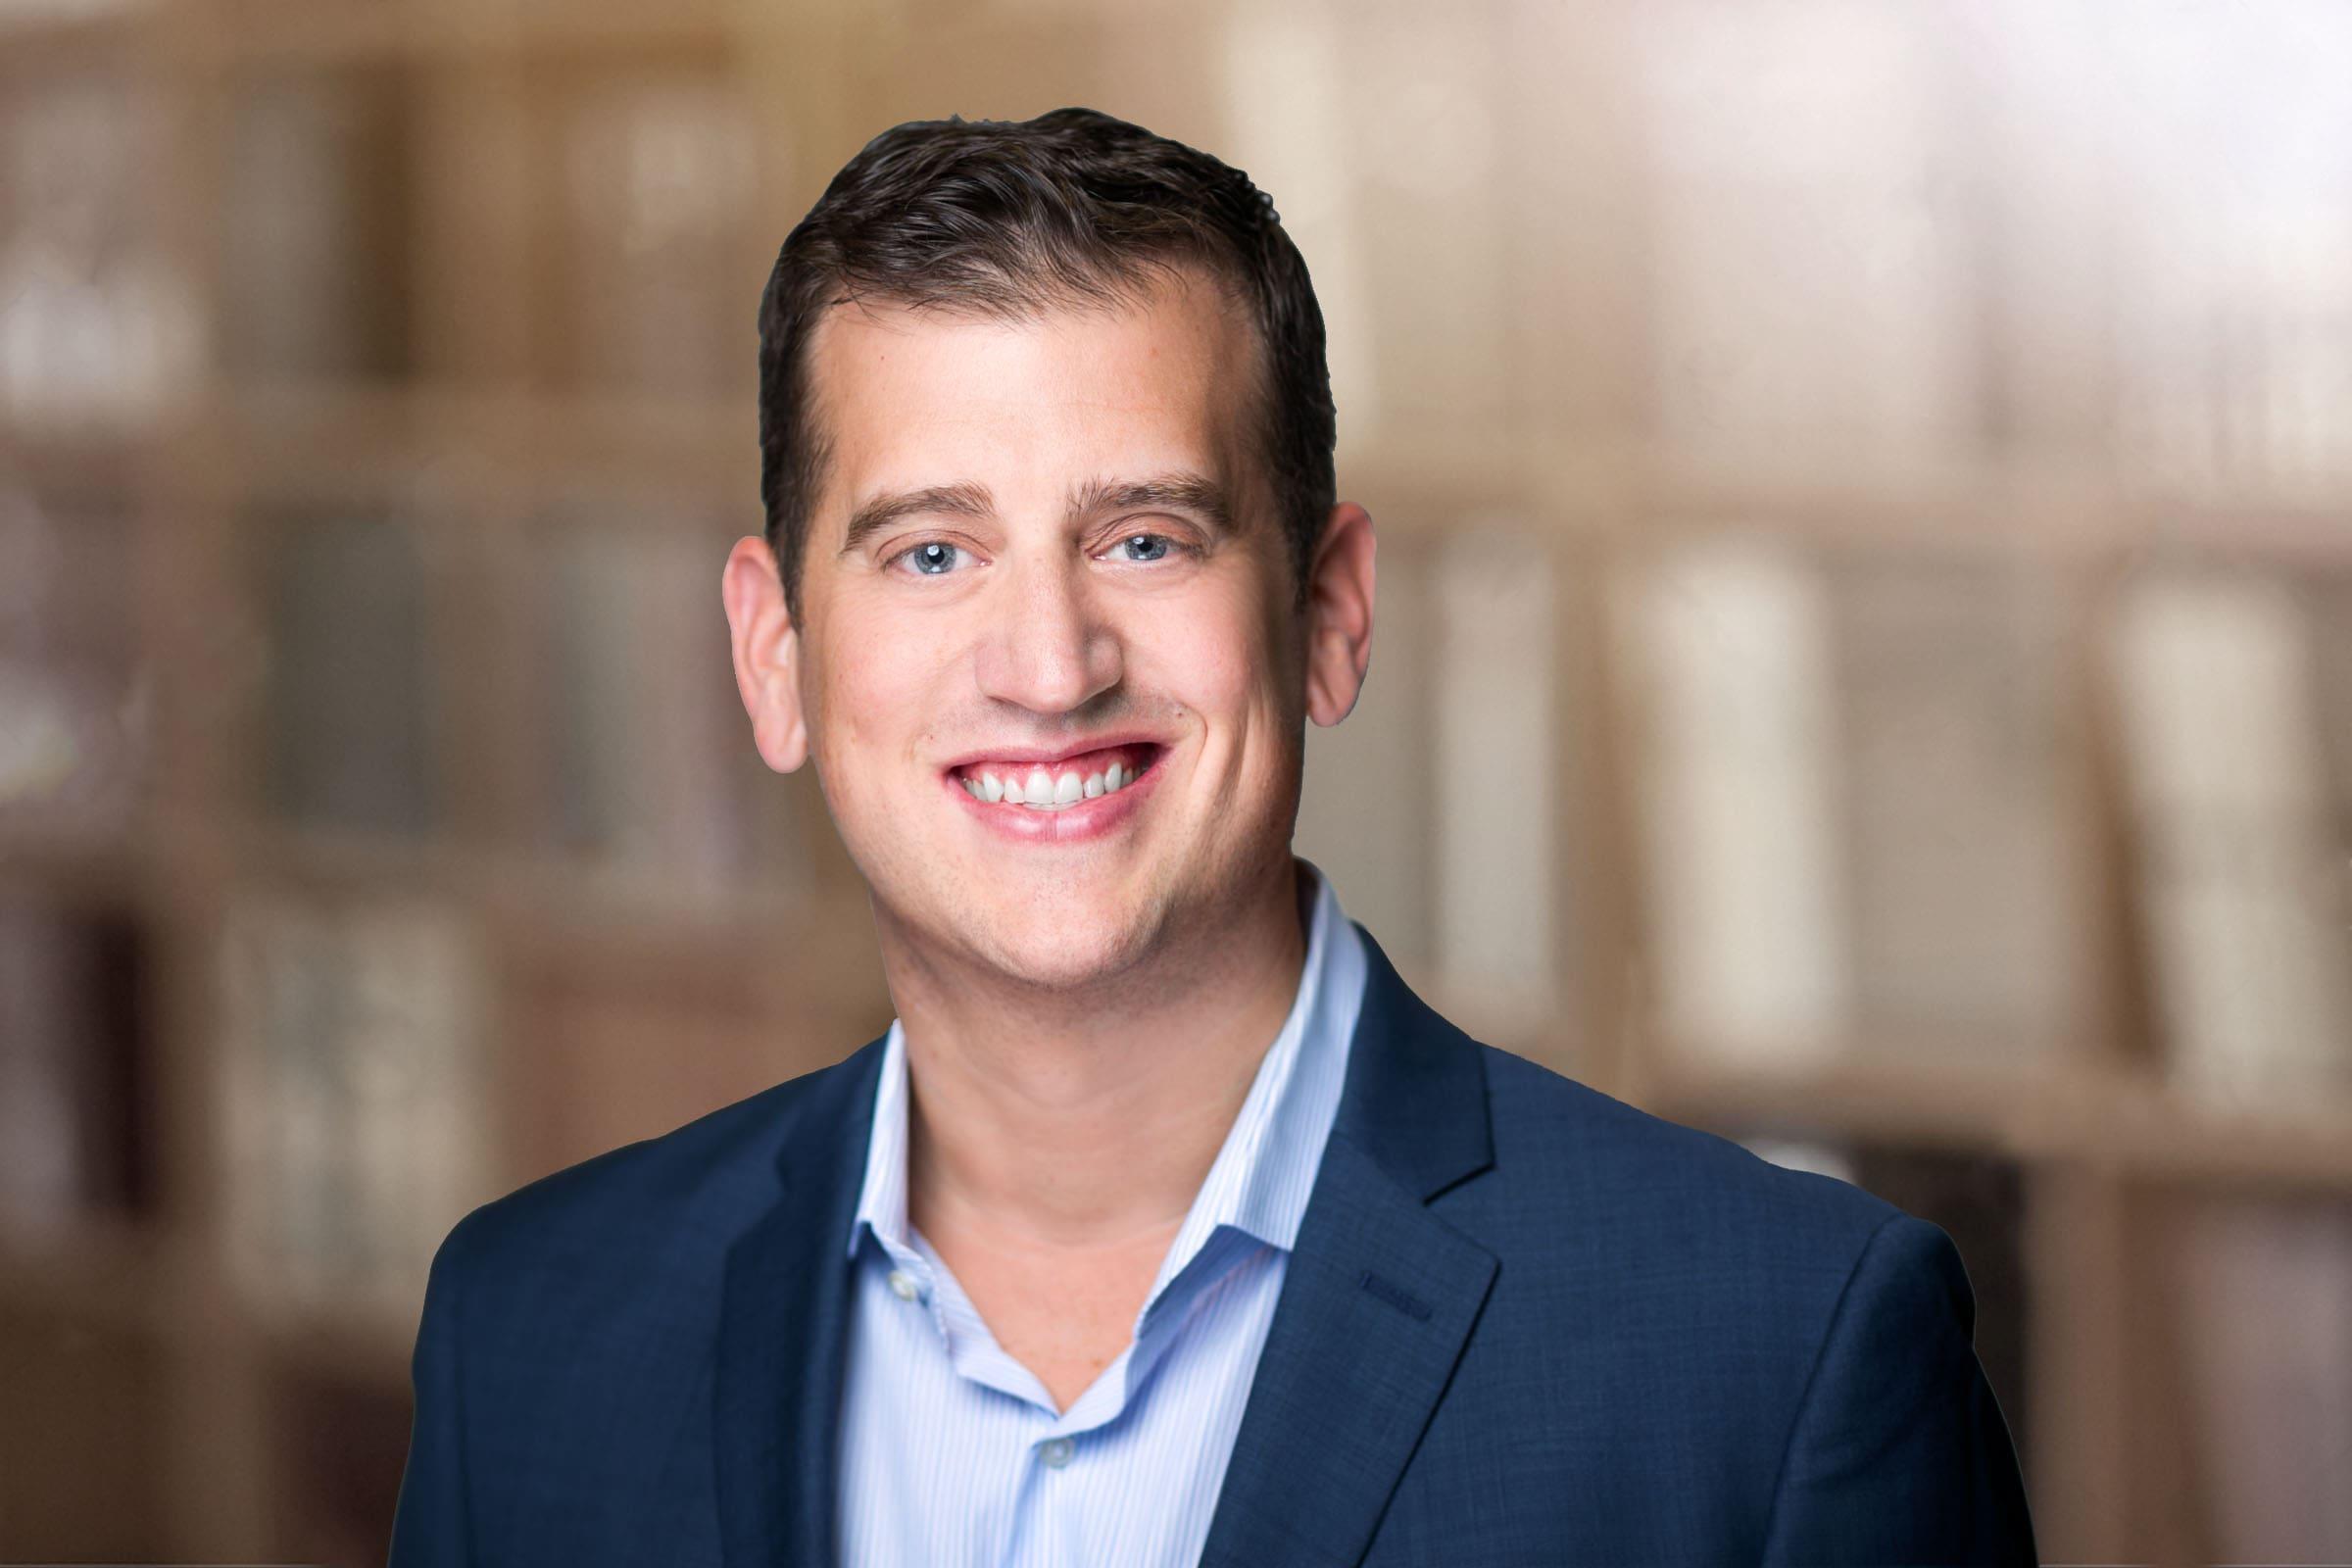 Jordan Benold